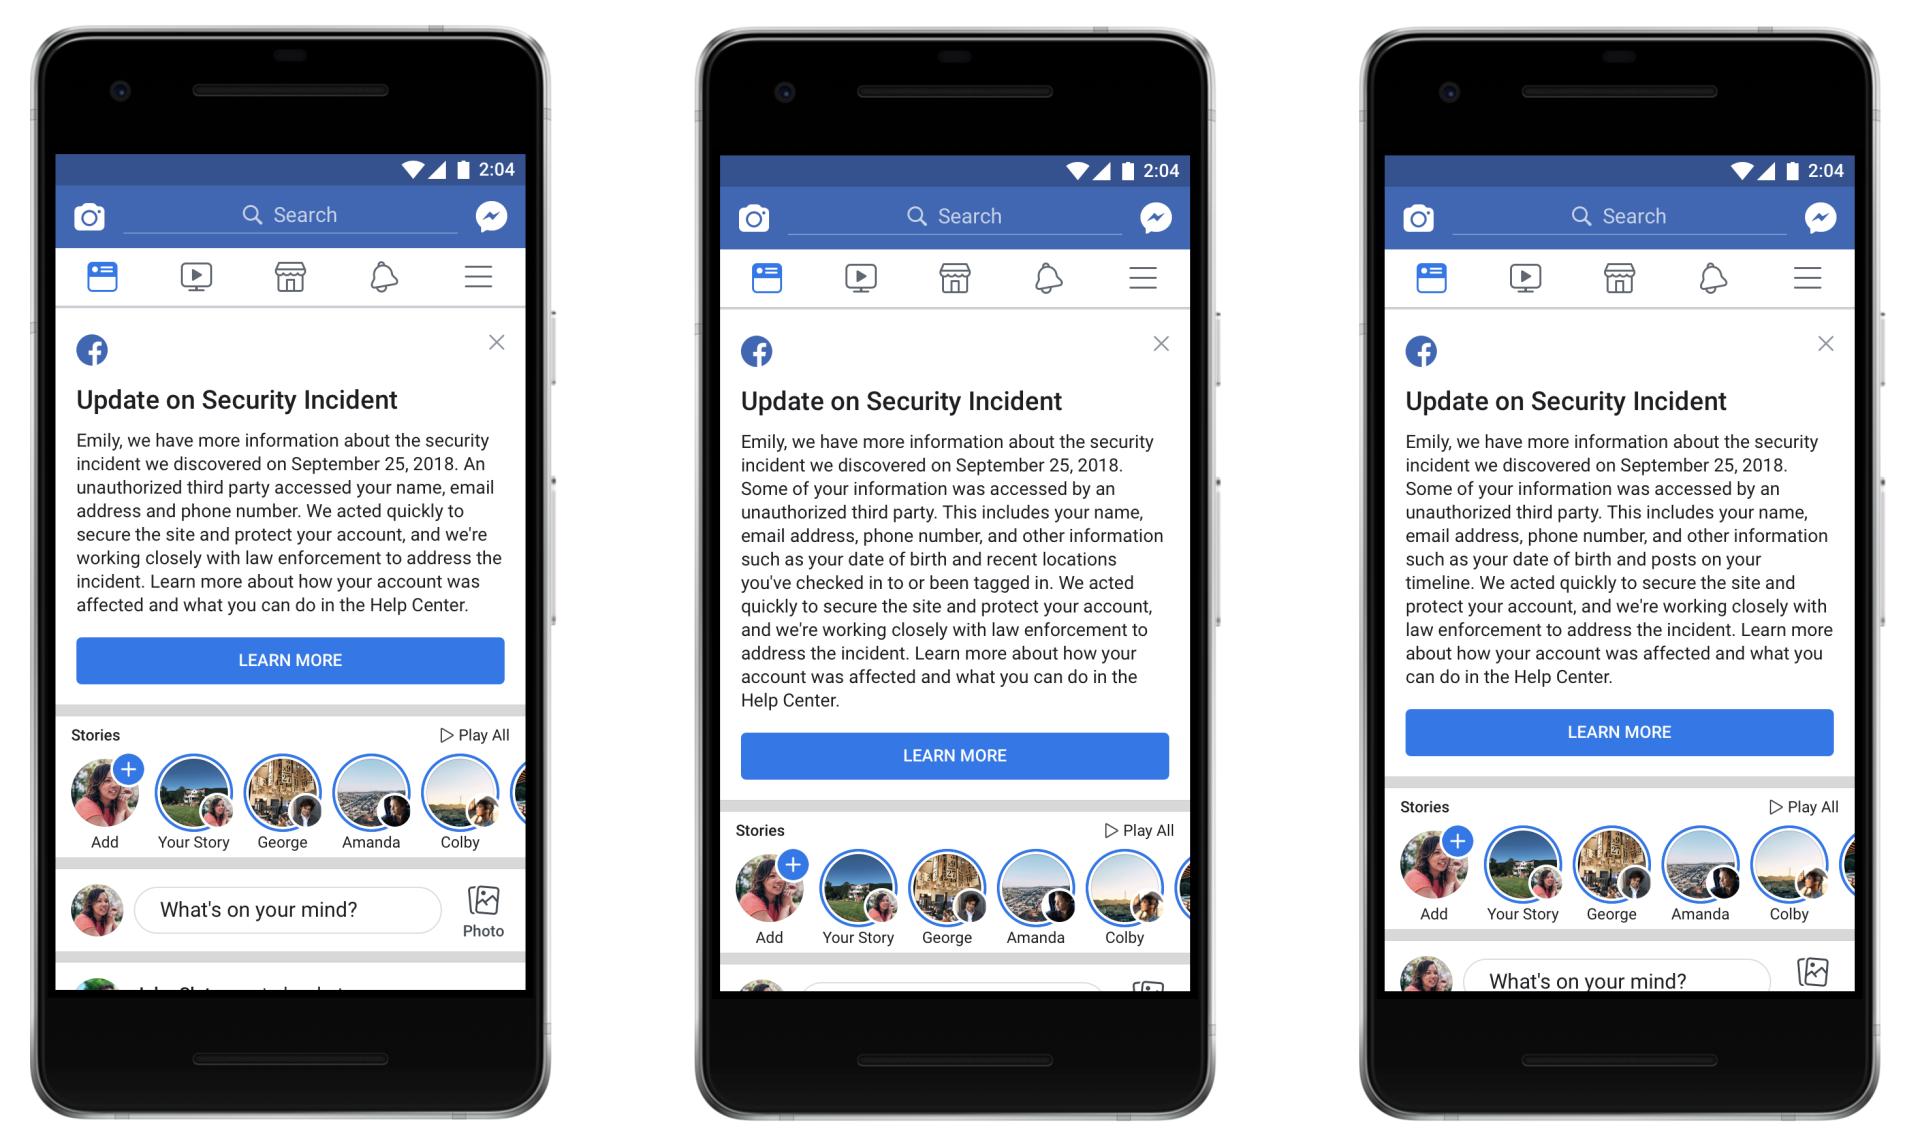 facebook włamanie jak sprawdzić